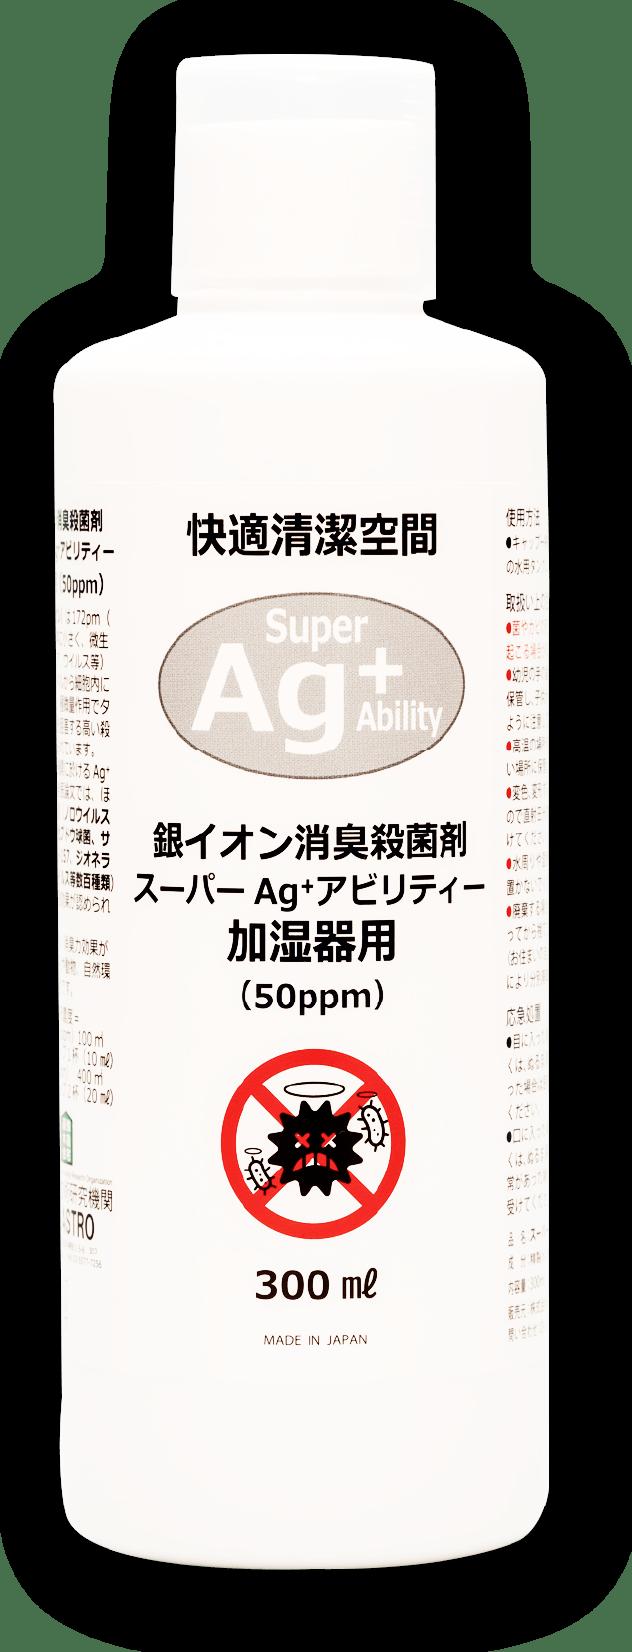 Super Ag⁺ Ability | 銀イオン消臭殺菌剤